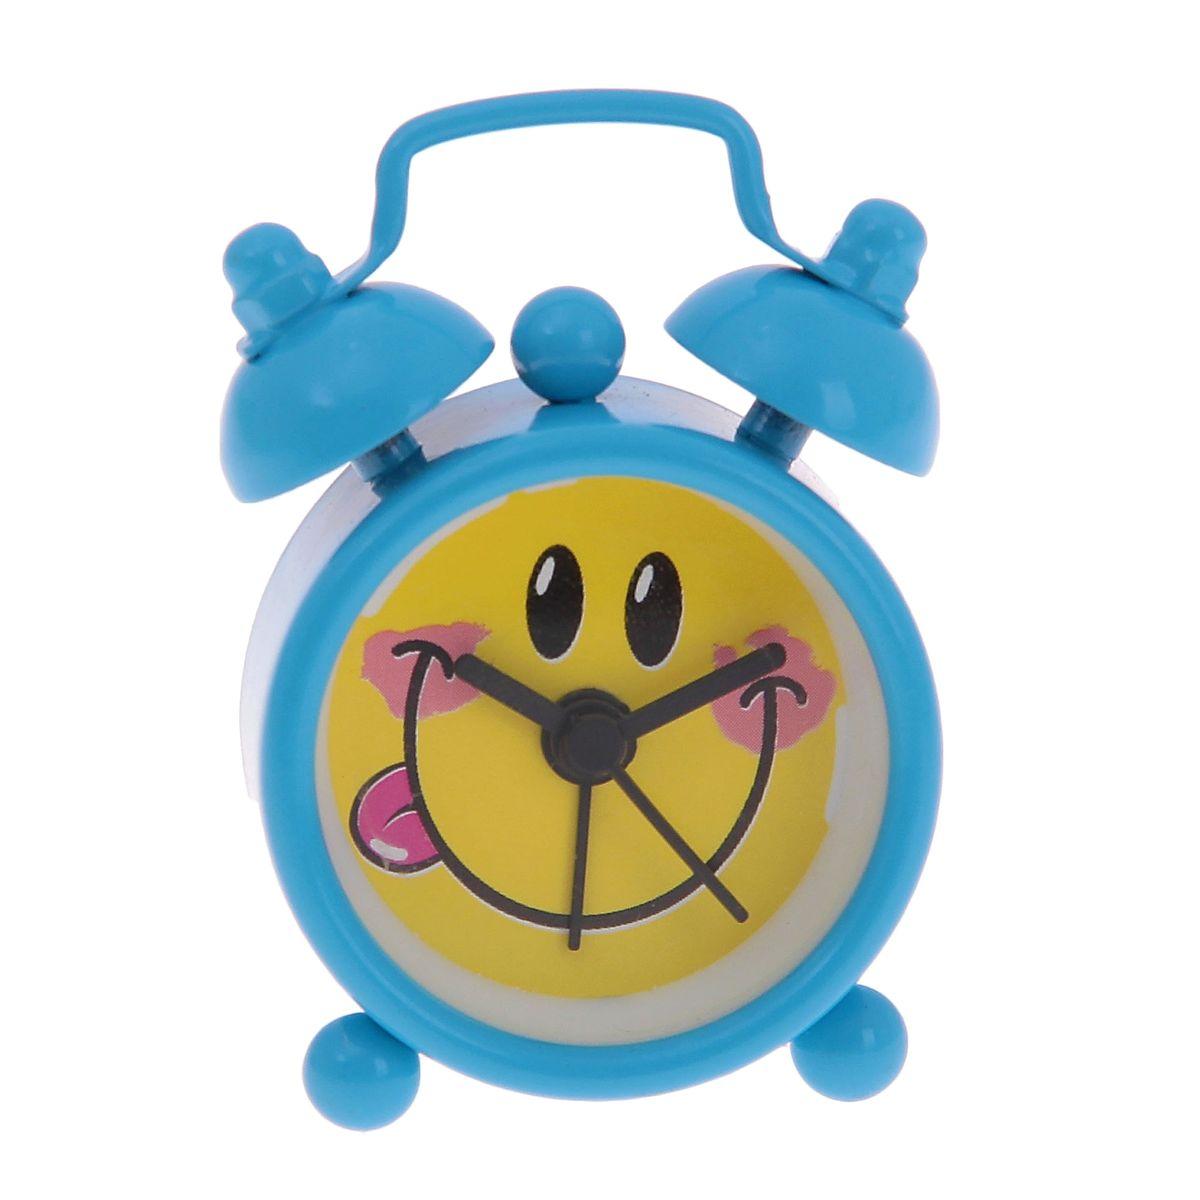 Часы-будильник Sima-land Смайлик, цвет: голубой часы будильник sima land жду встречи